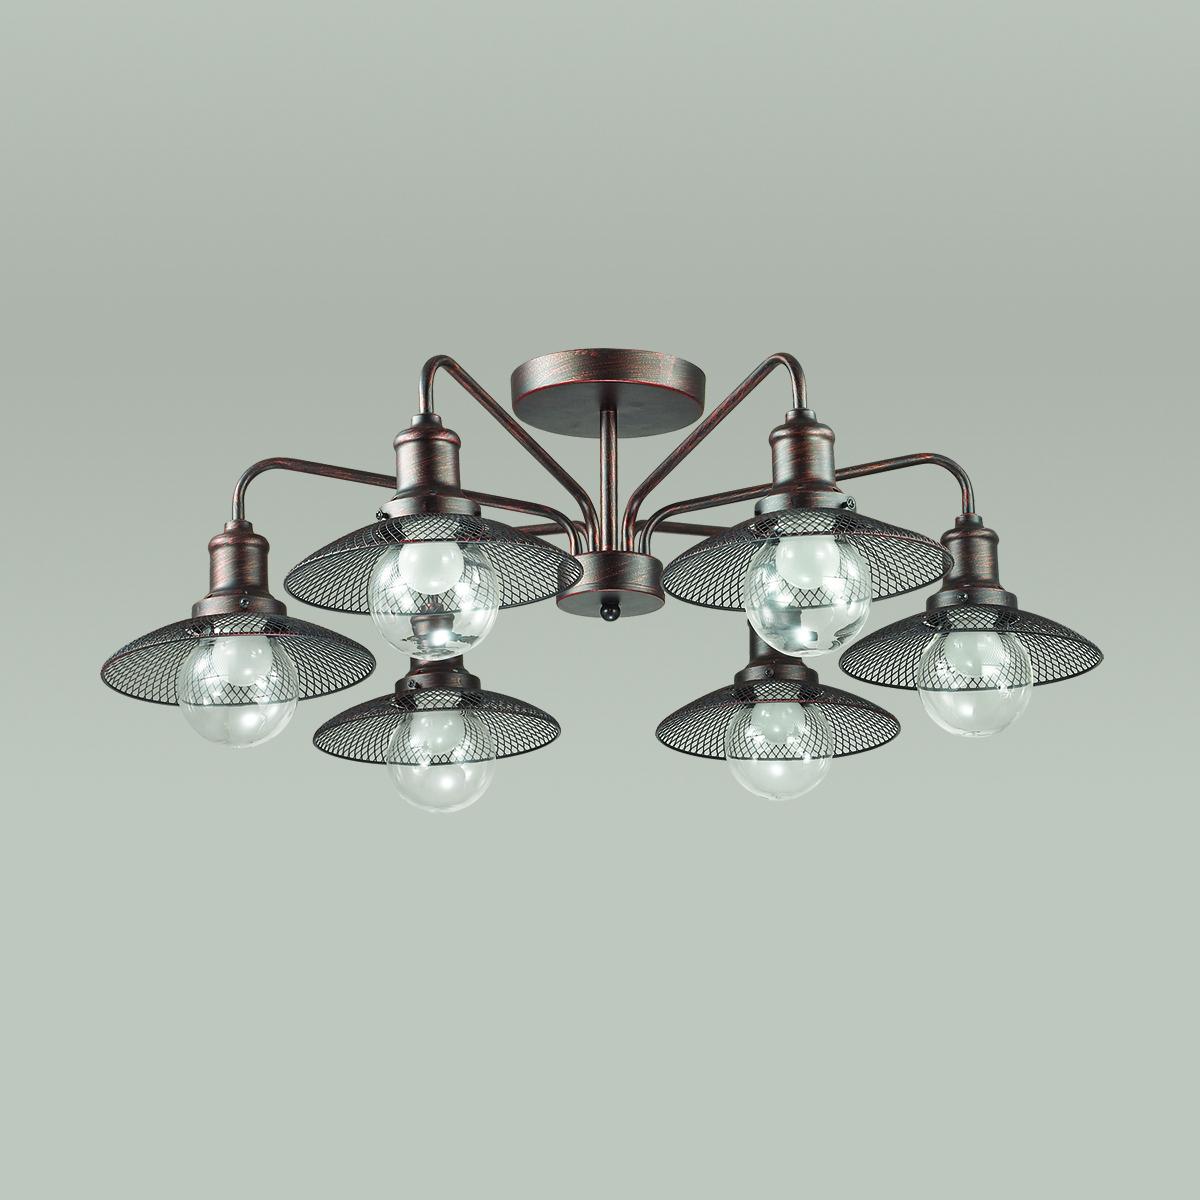 Потолочная люстра Lumion Ludacris 3513/6C, 6xE27x60W, коричневый, прозрачный, металл, стекло - фото 4